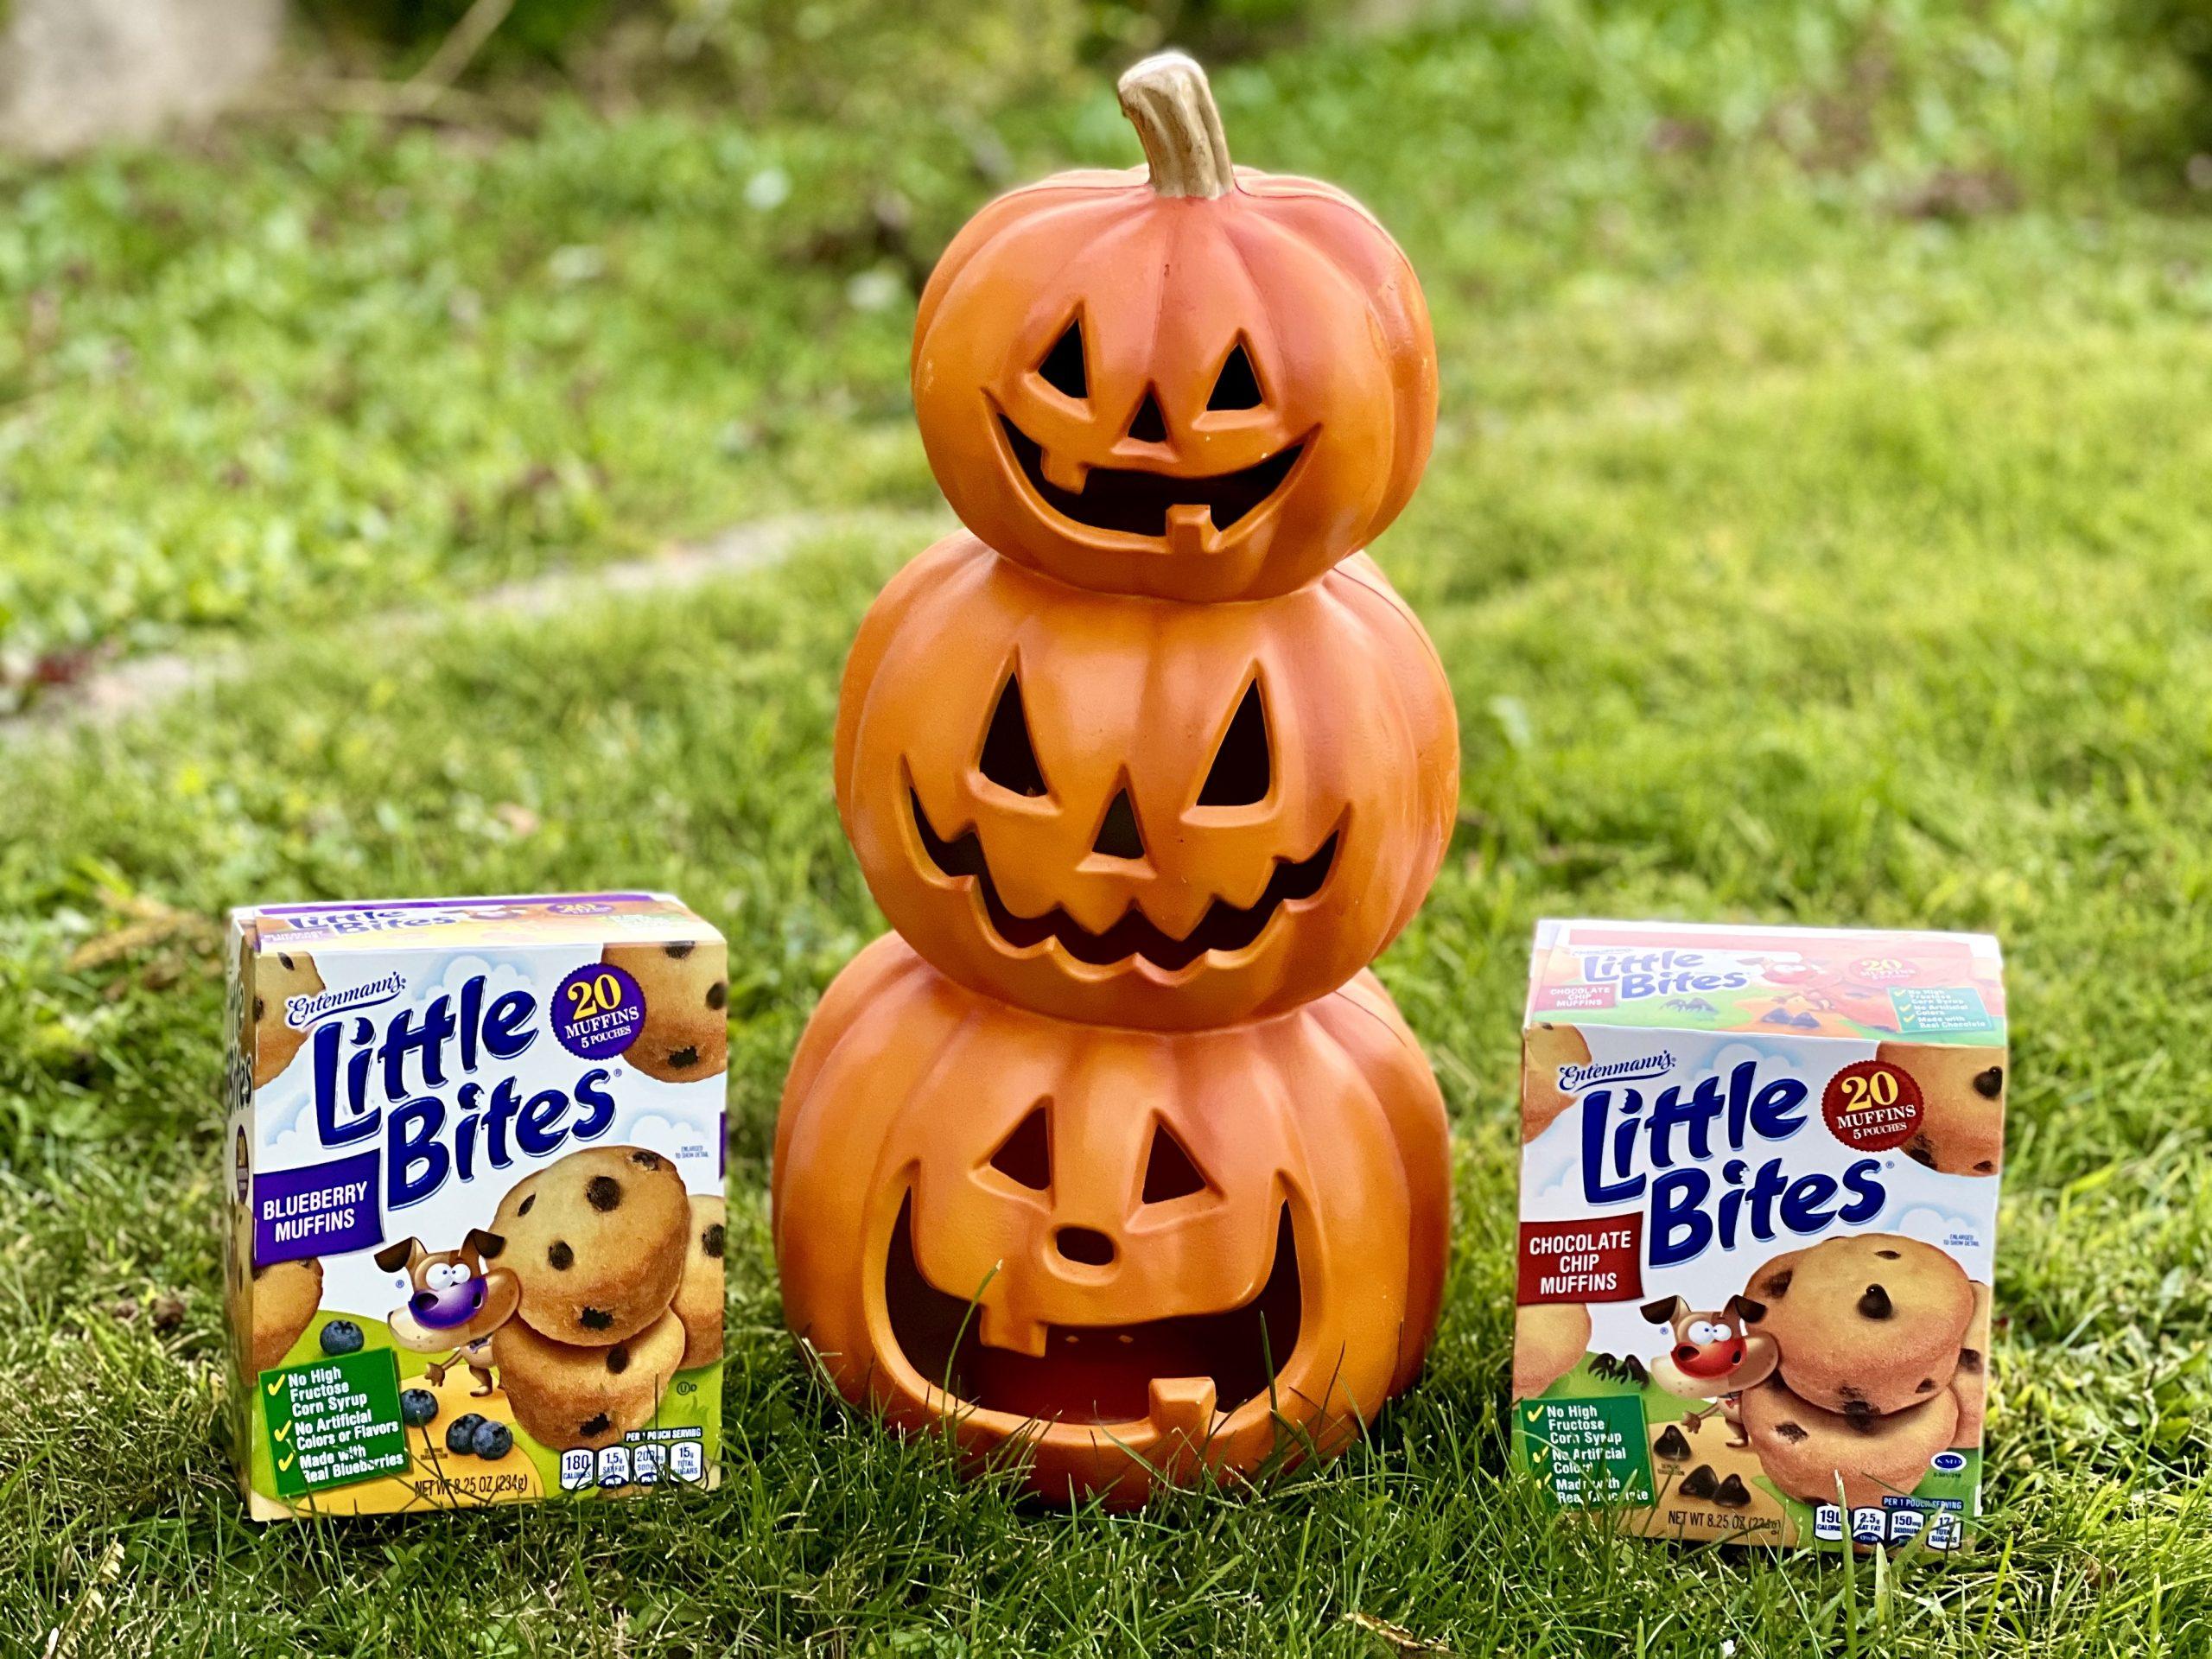 Little Bites Halloween Muffins